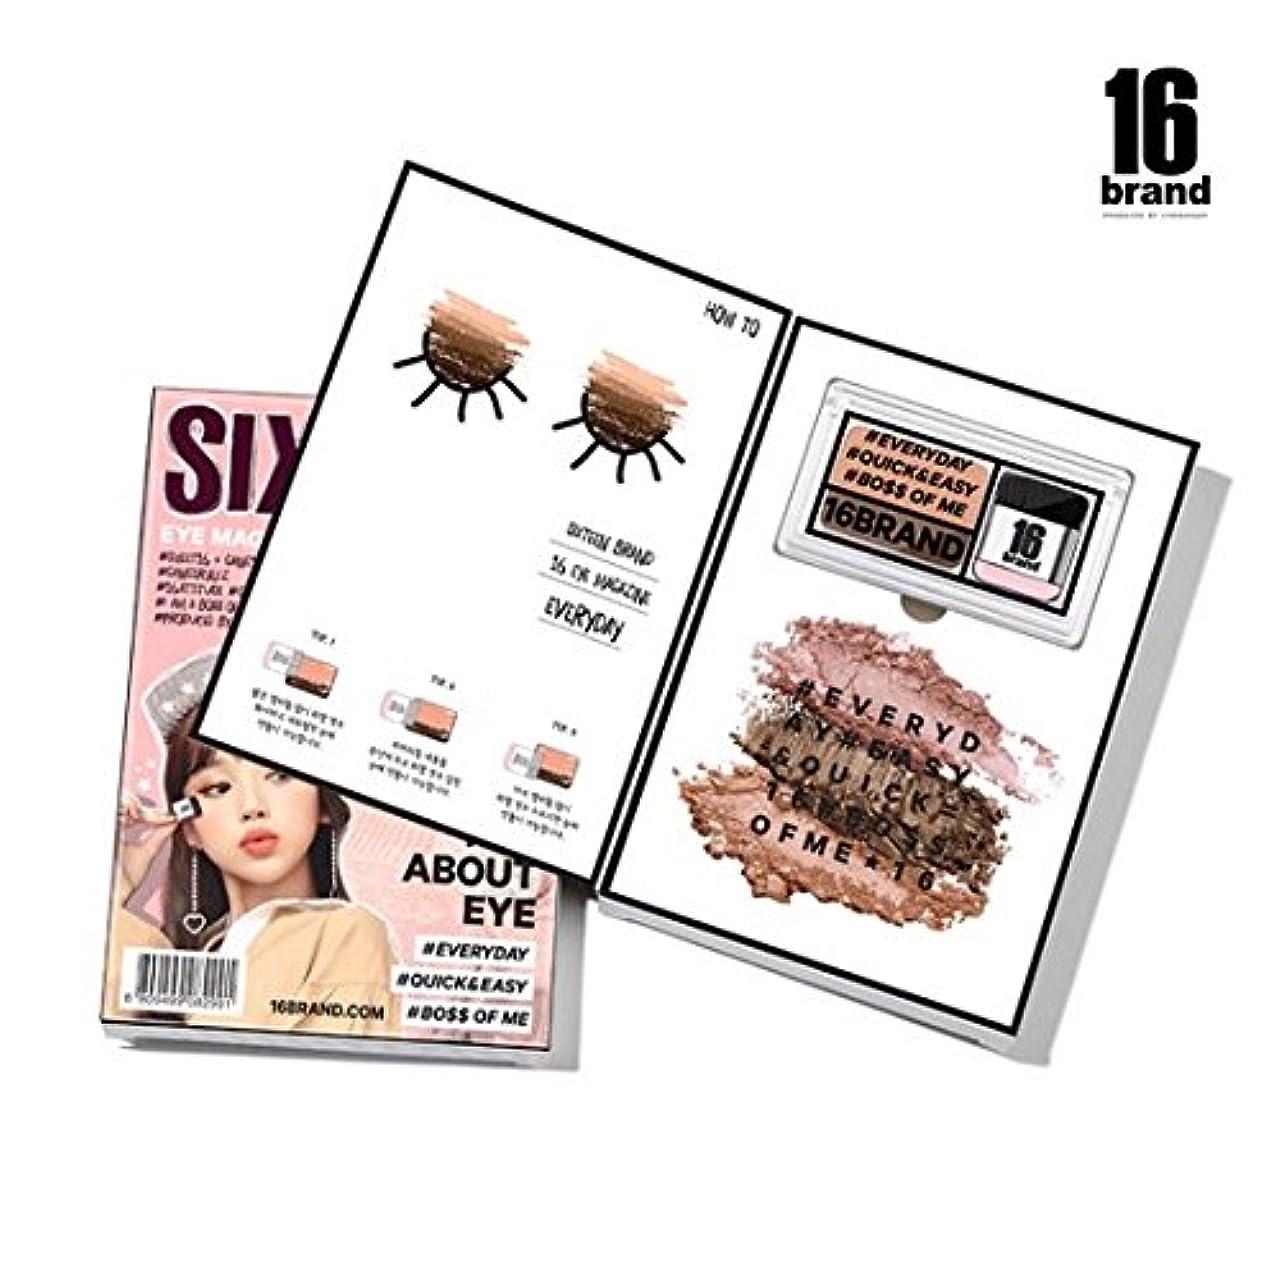 カウボーイ断線トランクライブラリ16brand Sixteen Eye Magazine Everyday 2g/16ブランド シックスティーン アイ マガジン エブリデイ 2g [並行輸入品]